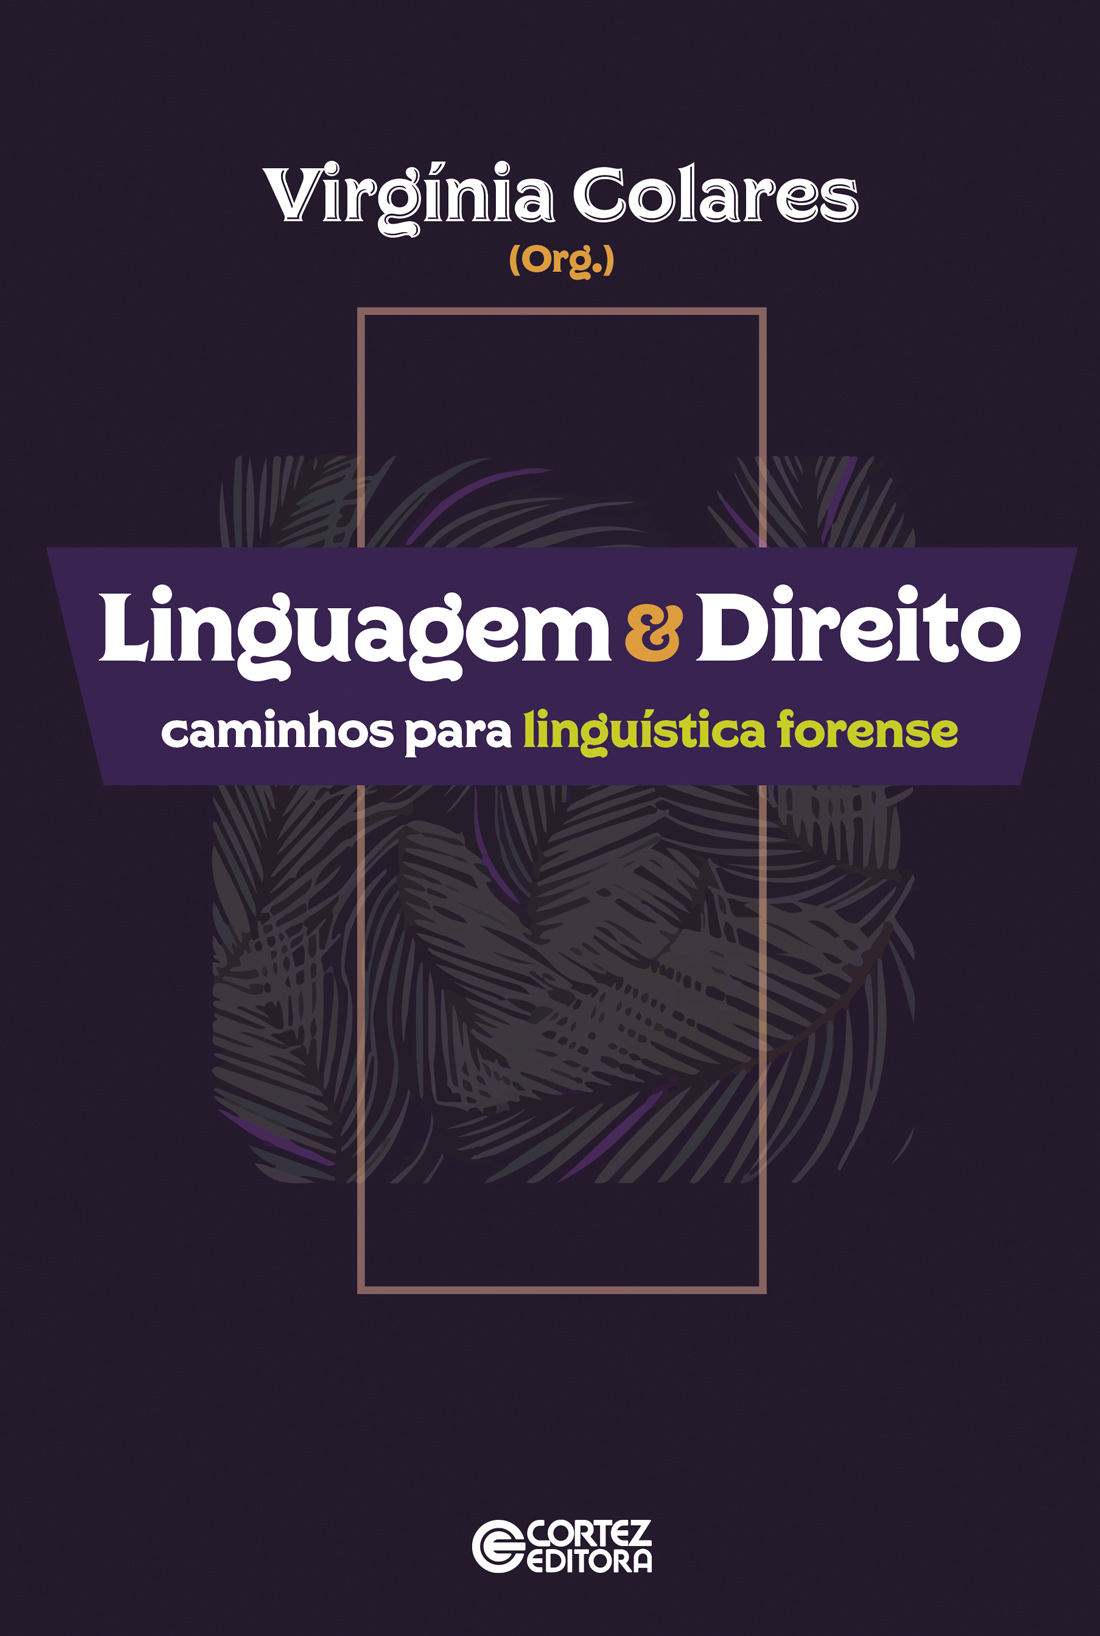 Linguagem & Direito - caminhos para linguística forense, livro de Virgínia Colares (org.)